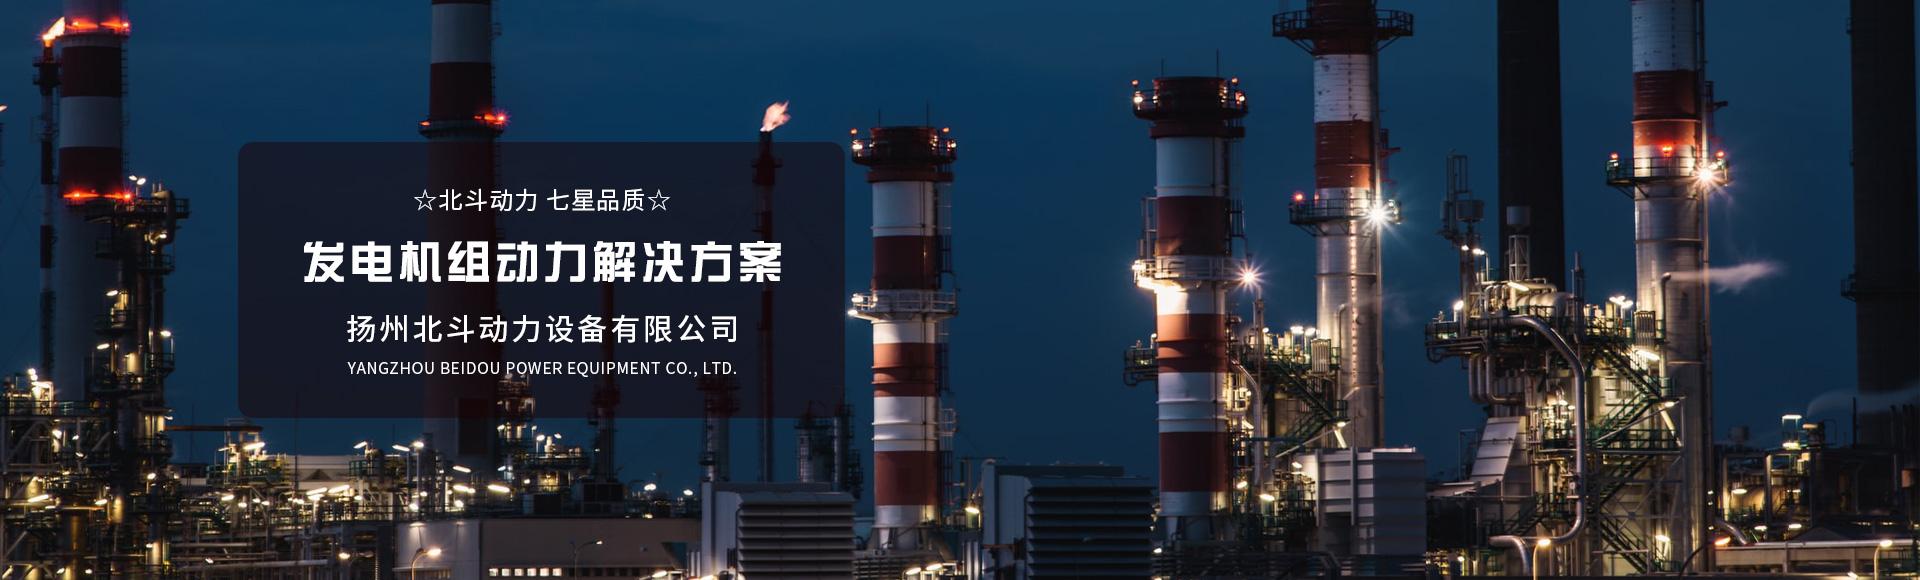 河南省华荣食品有限公司